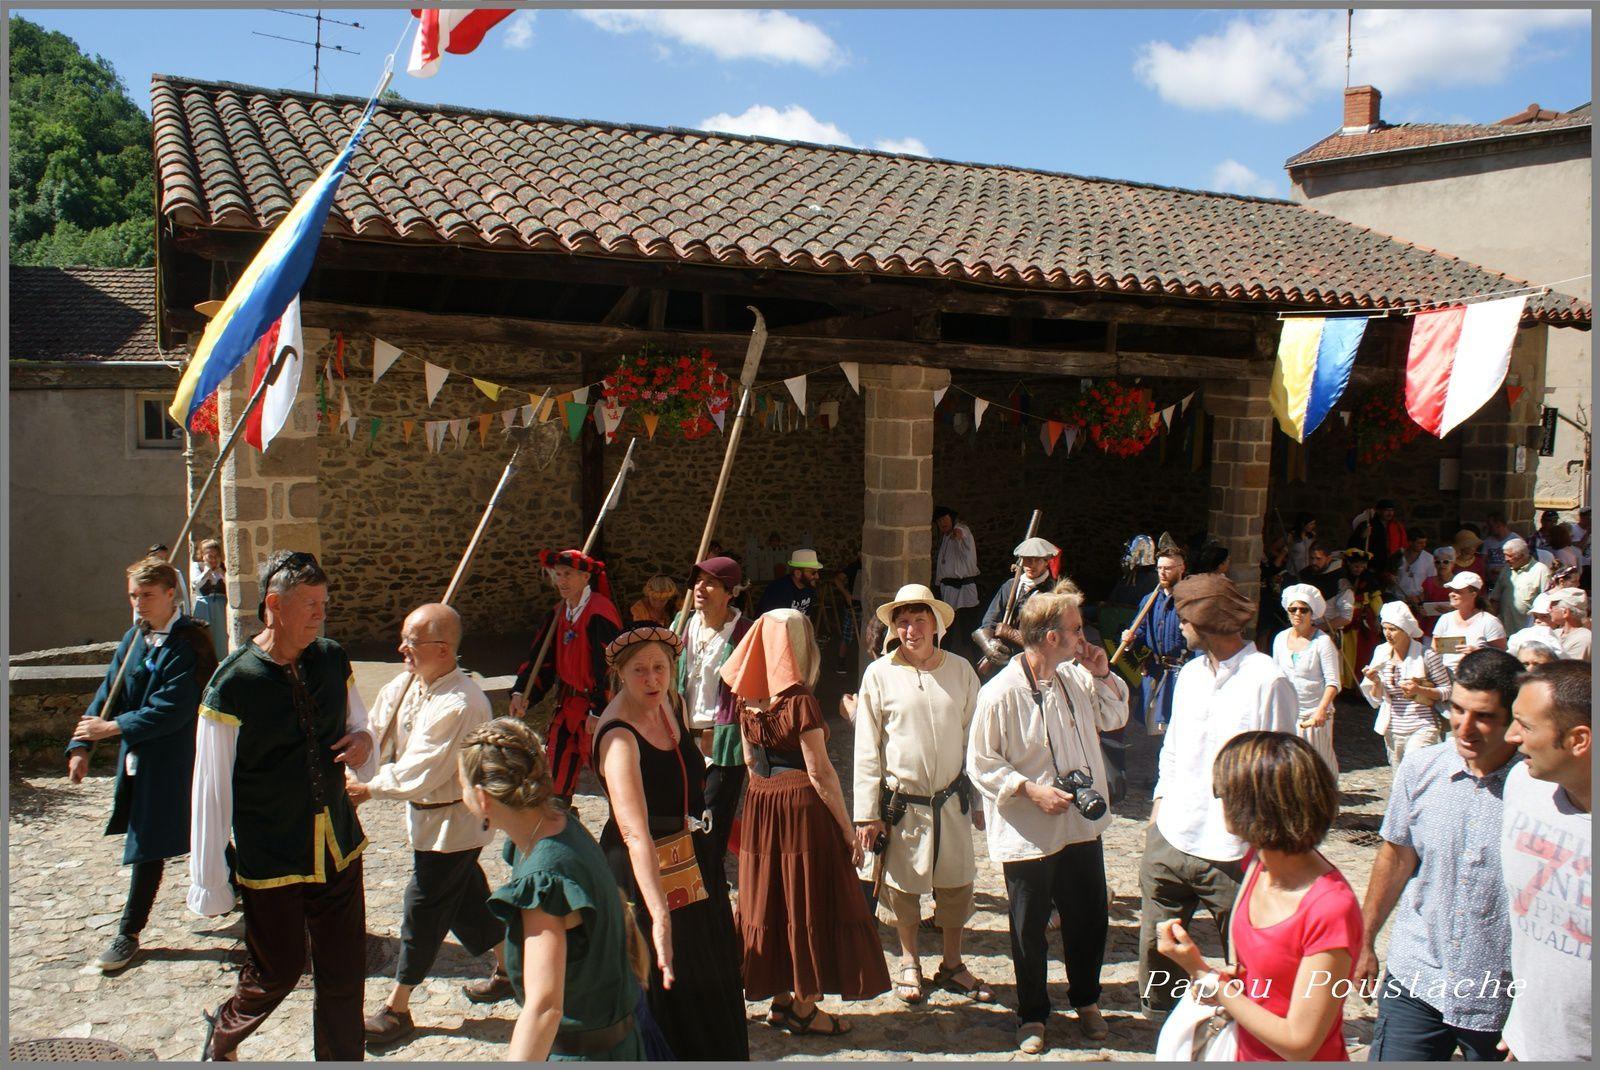 Auzon à l'époque médiévale